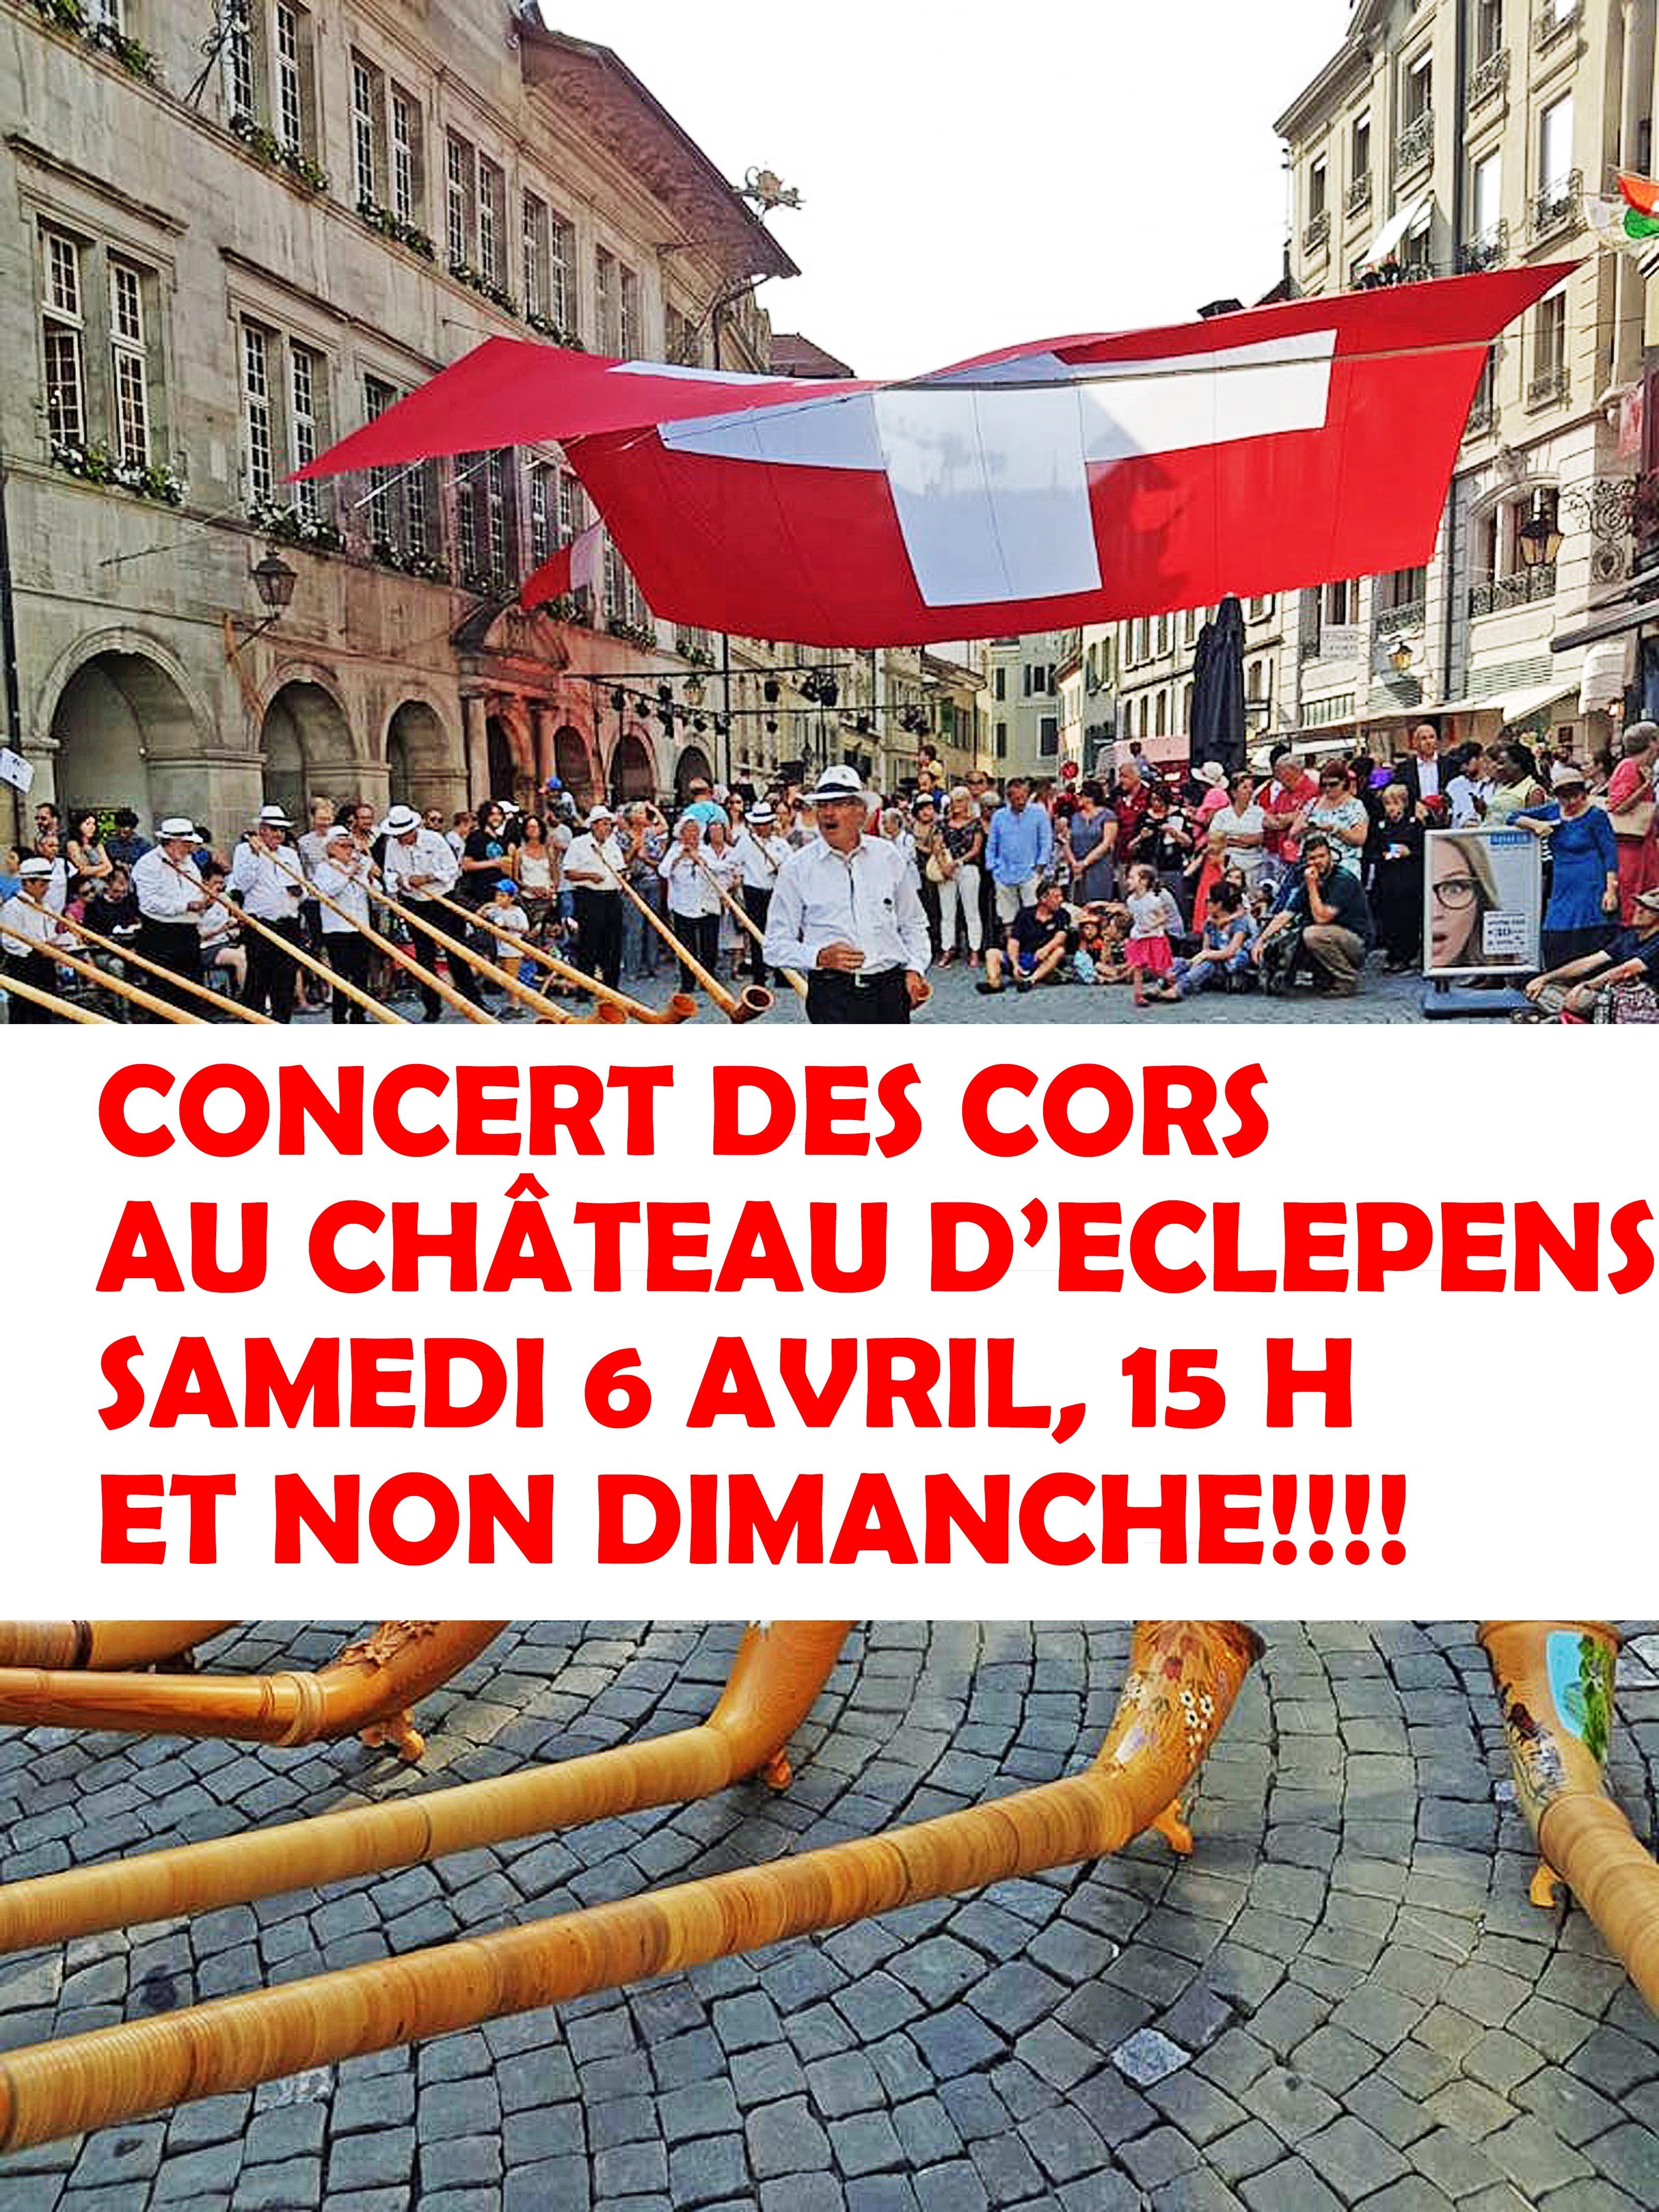 Château d'Eclépens – samedi 6 avril – Des cors dans un beau décor